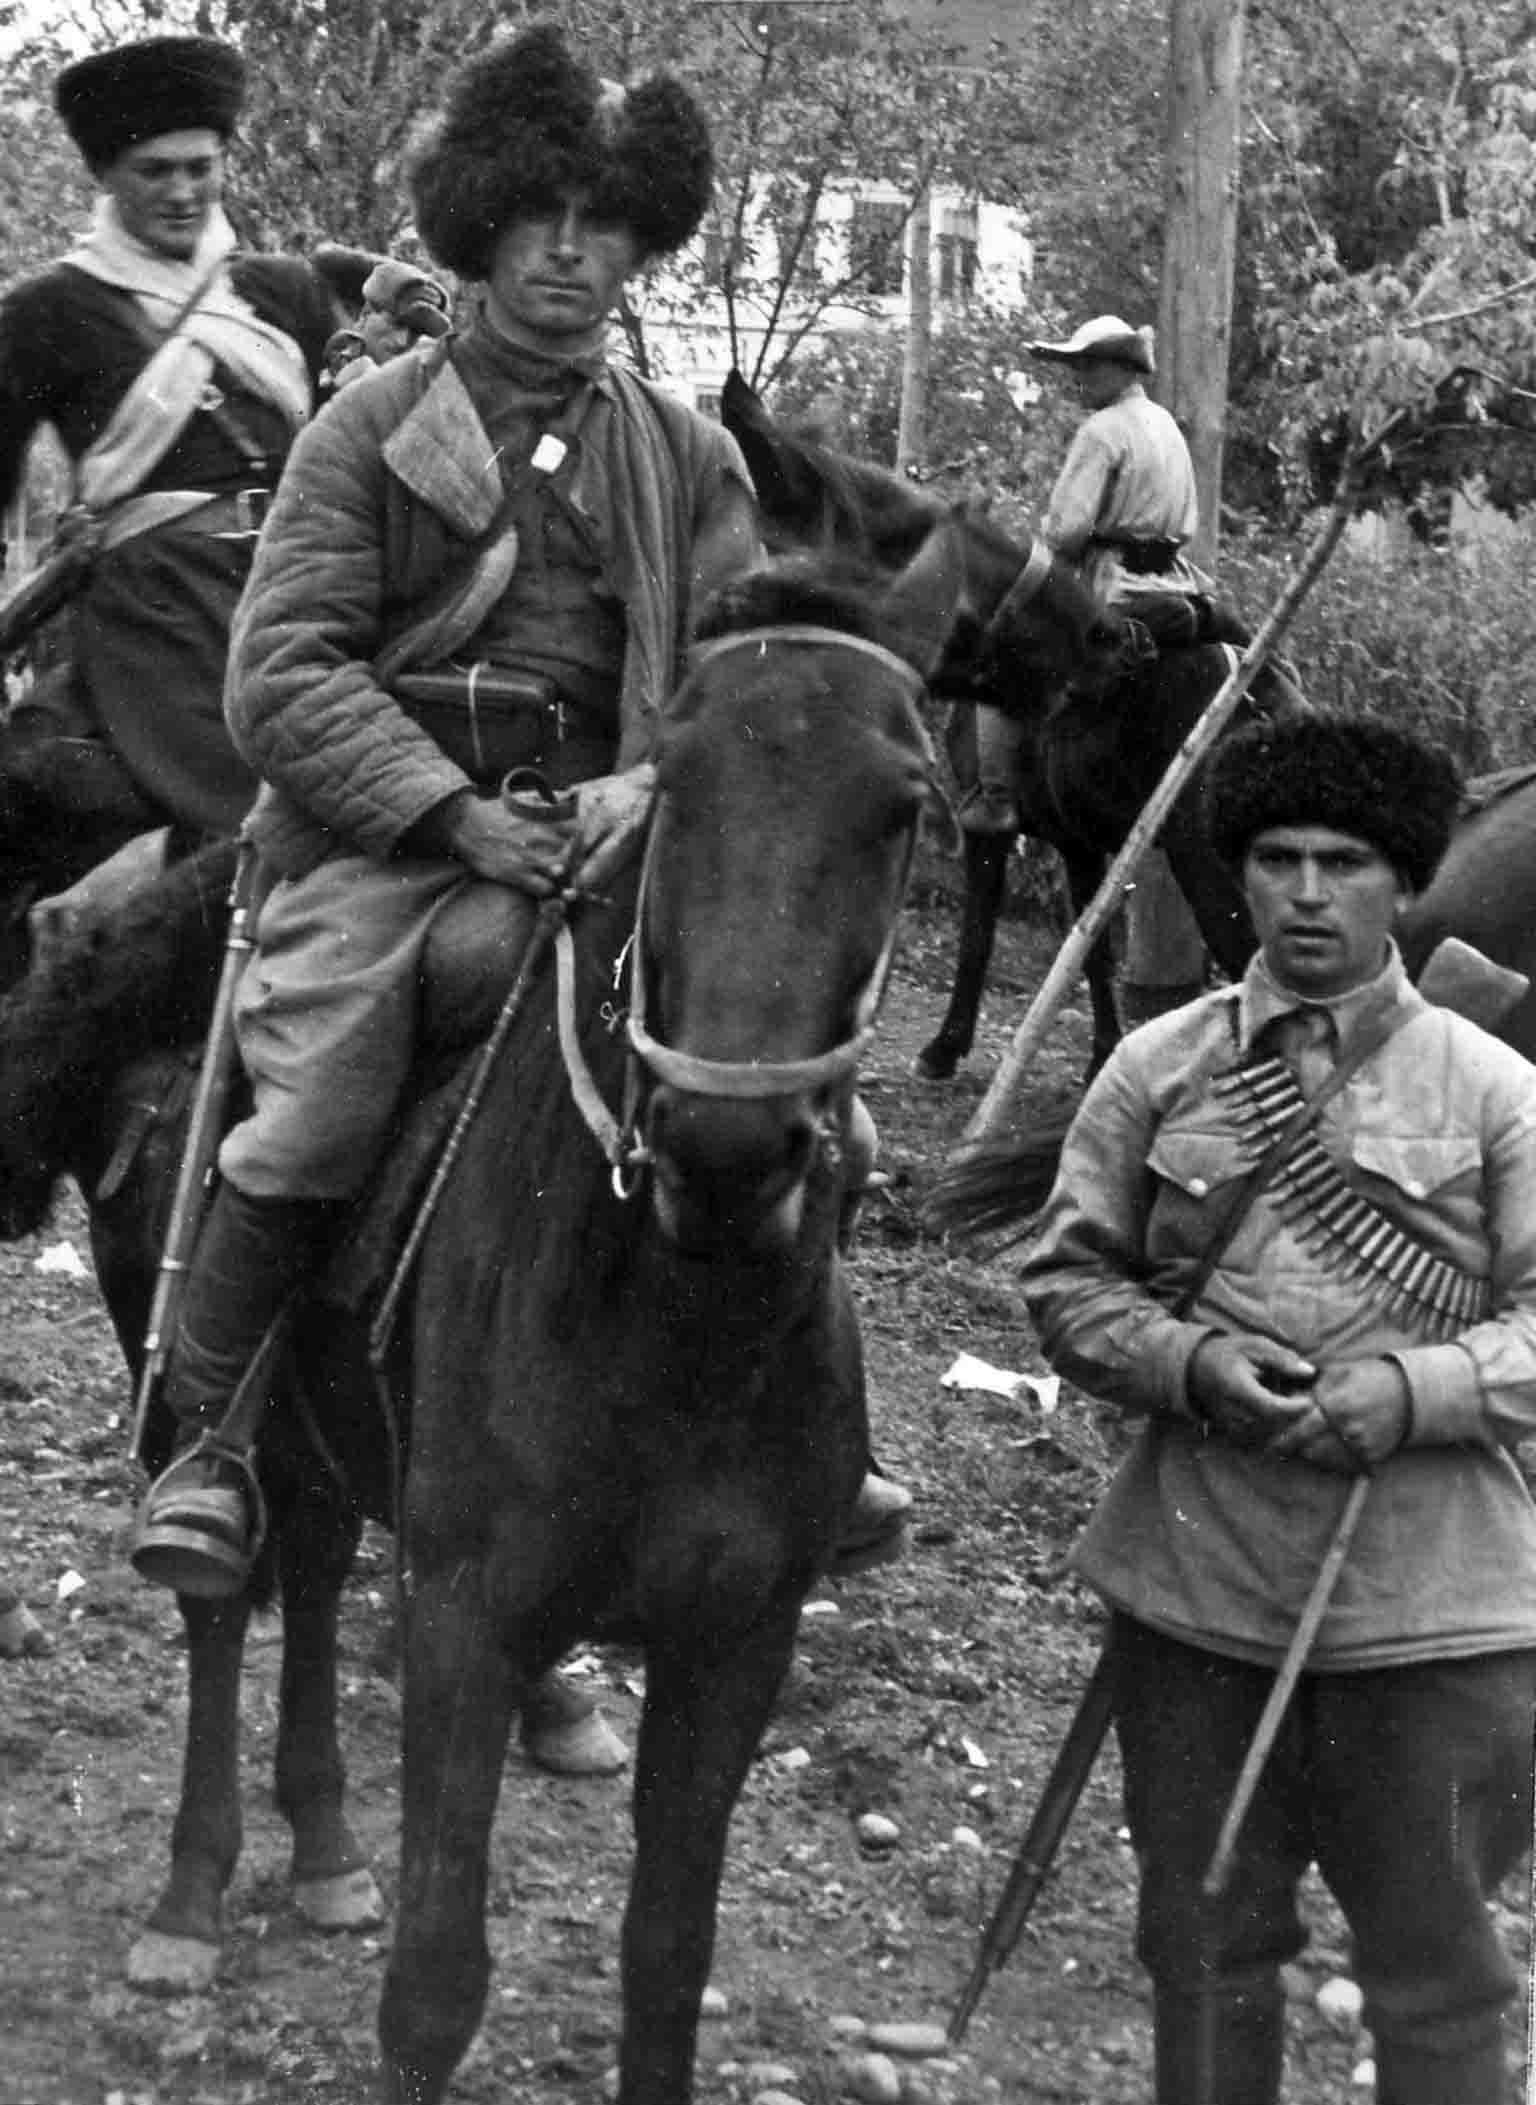 Terek Cossack